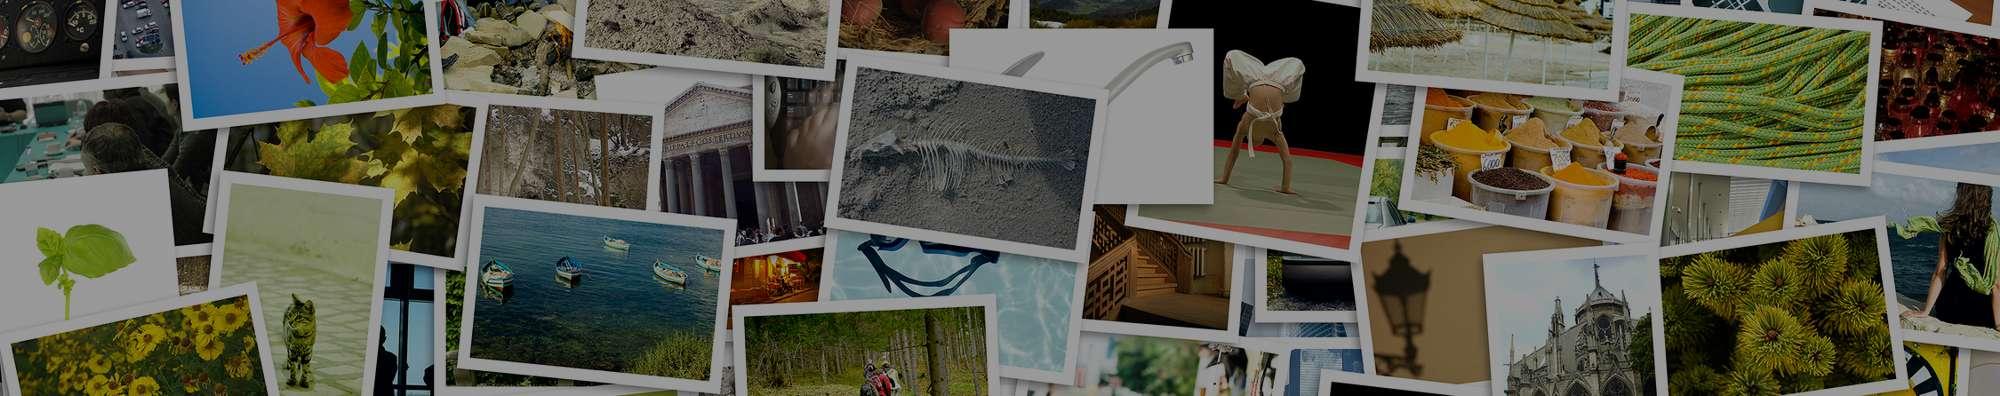 Photo Prints montage